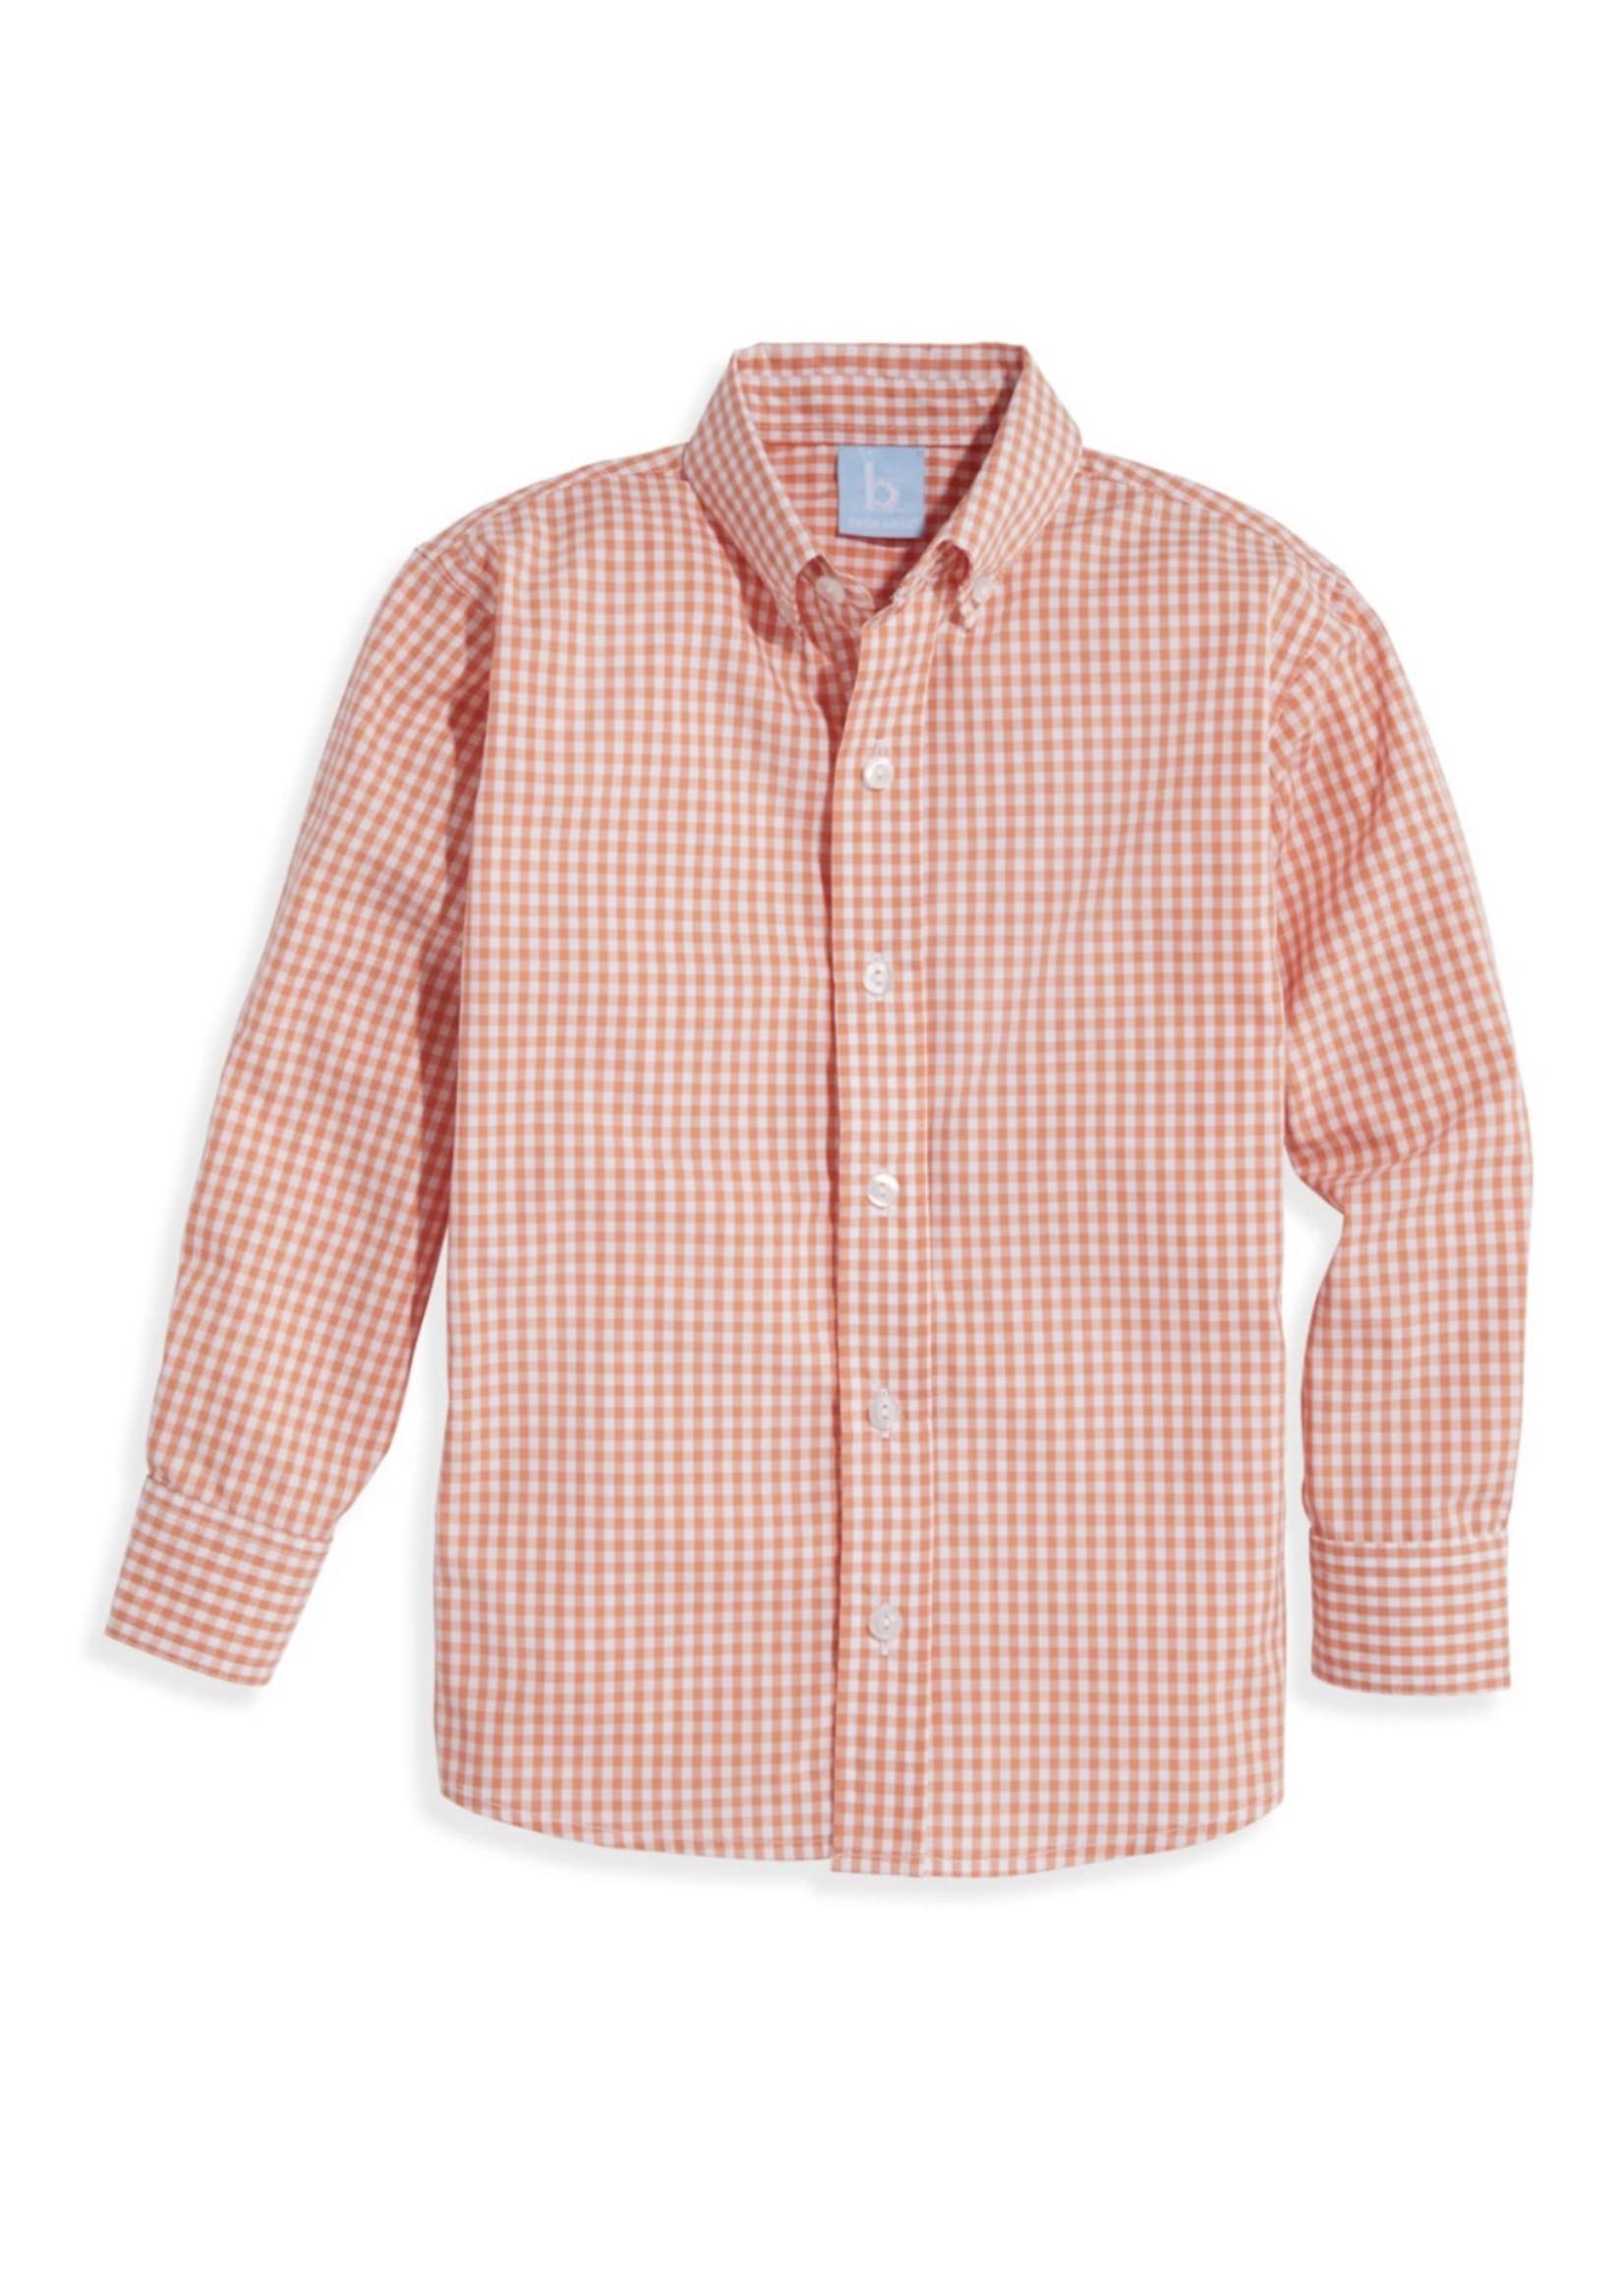 Bella Bliss Buttondown Shirt